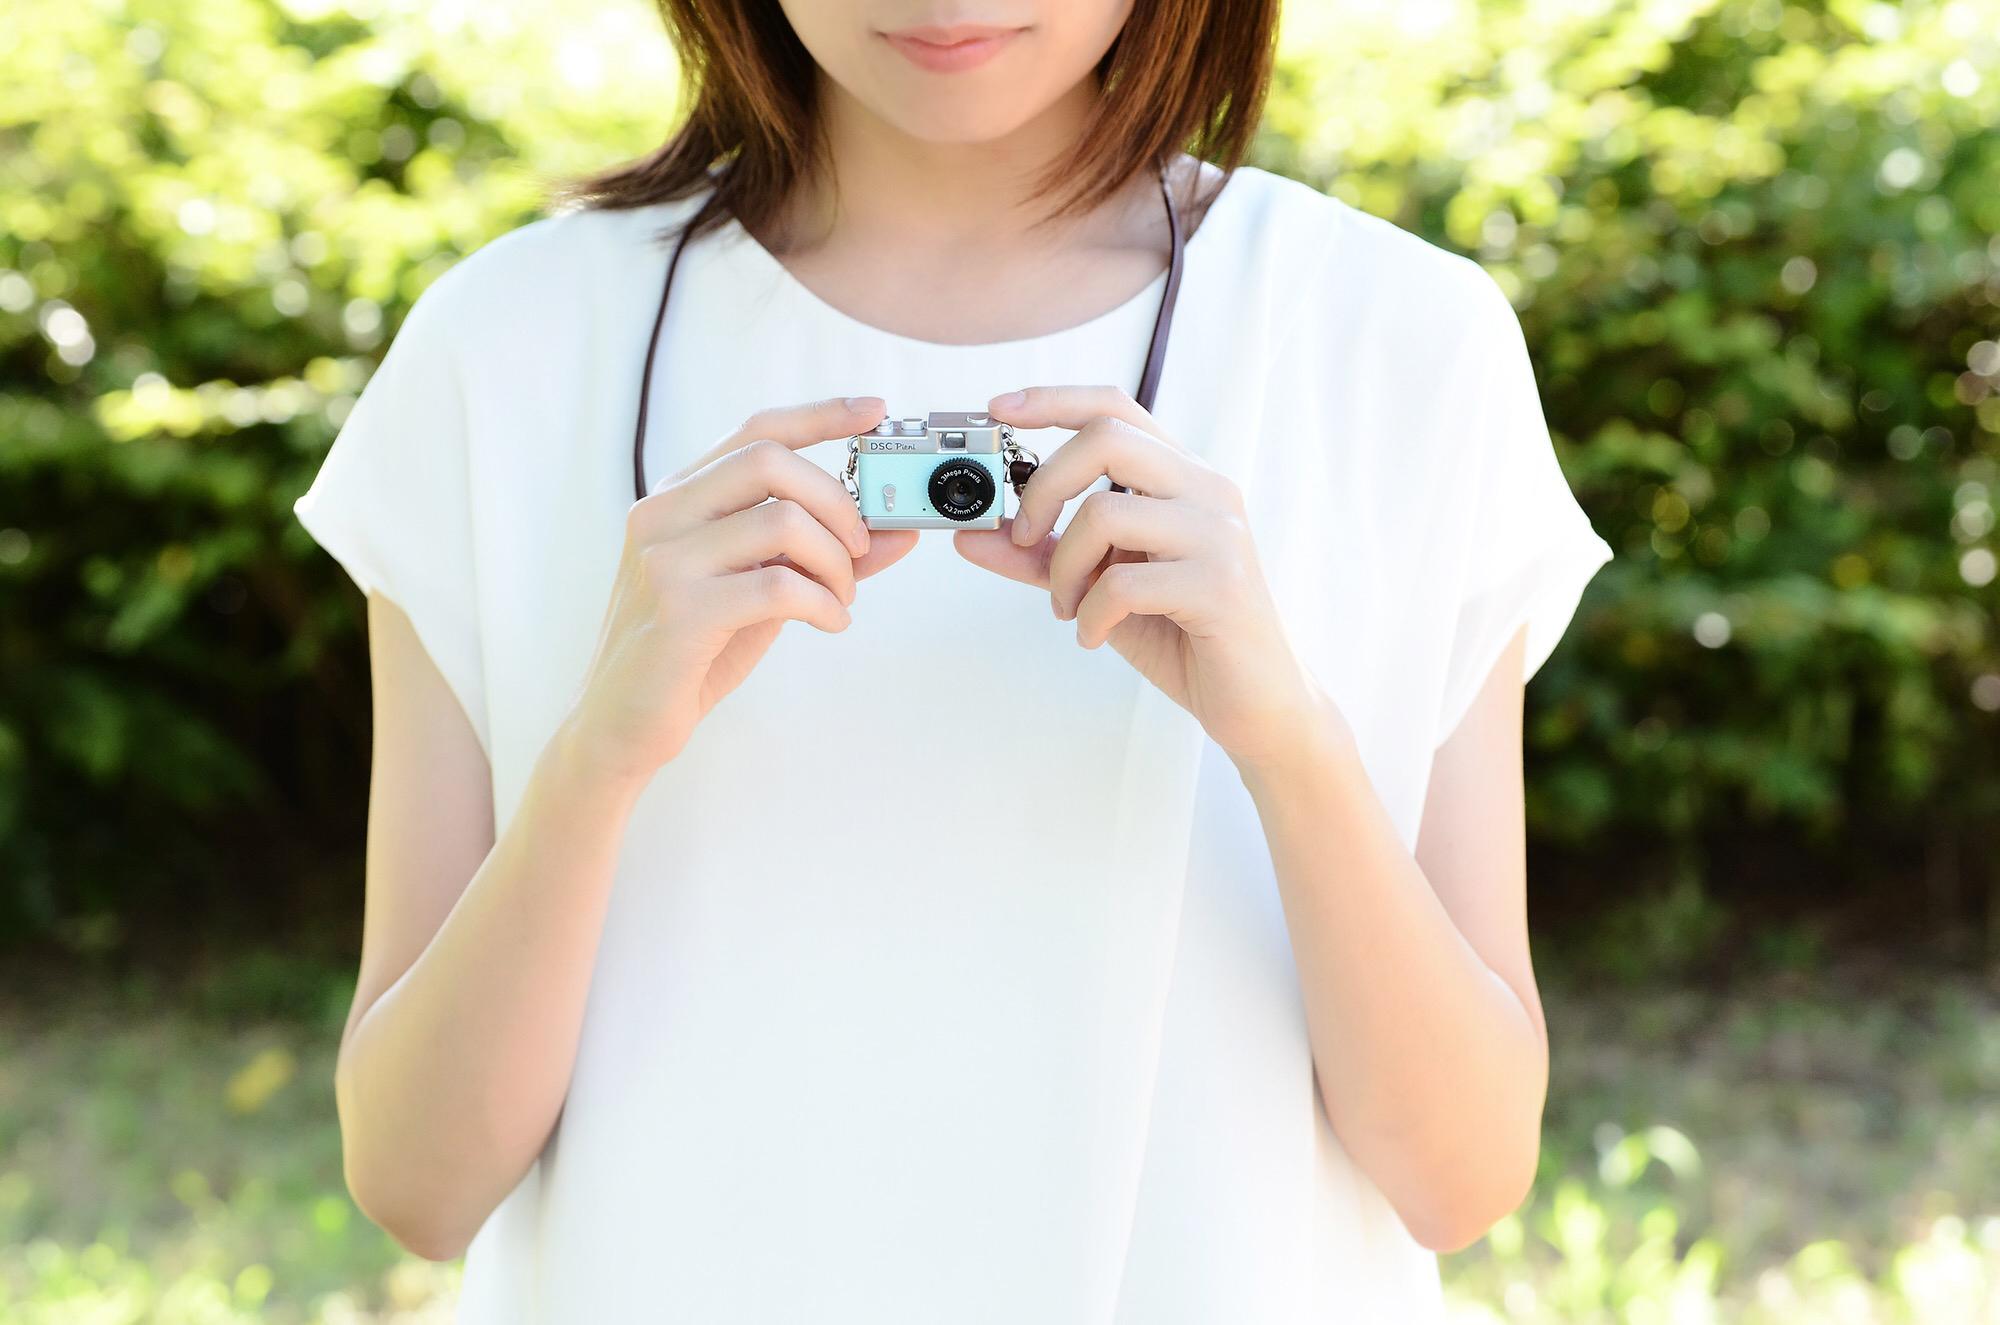 ケンコー クラシックカメラ風トイカメラ-DSC-Pieni